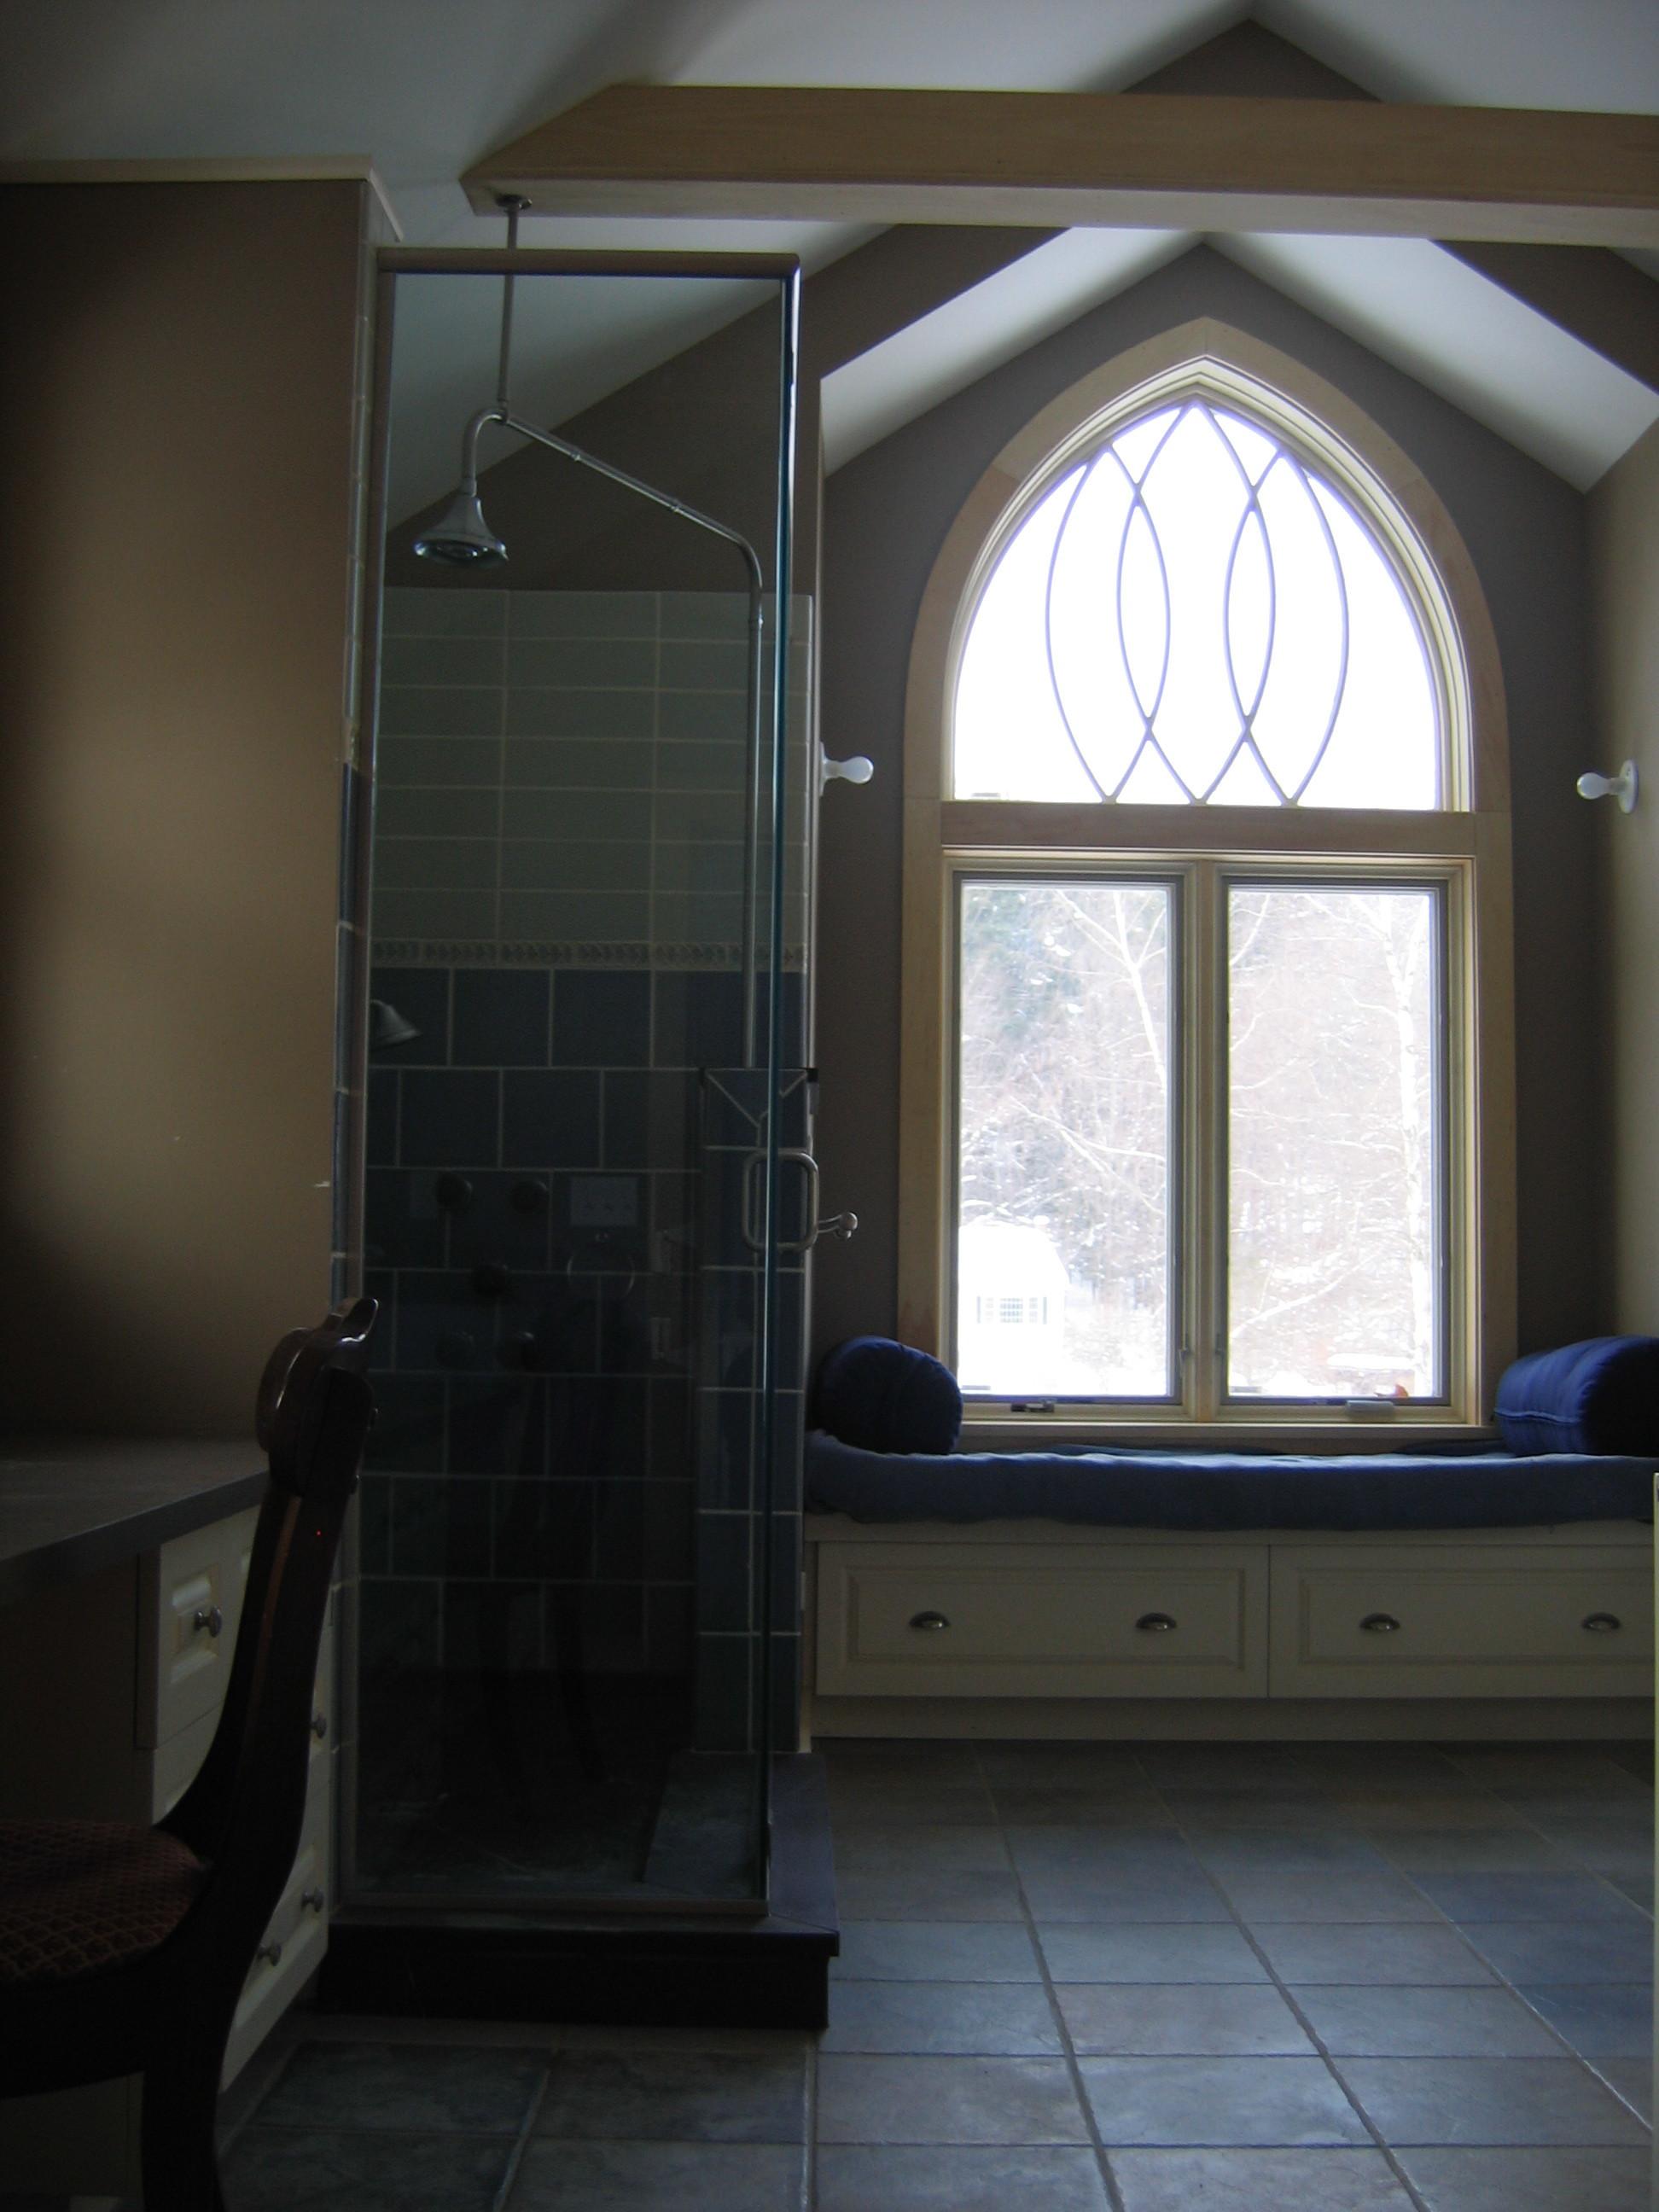 Residential bath remodel, Shelburne Falls MA